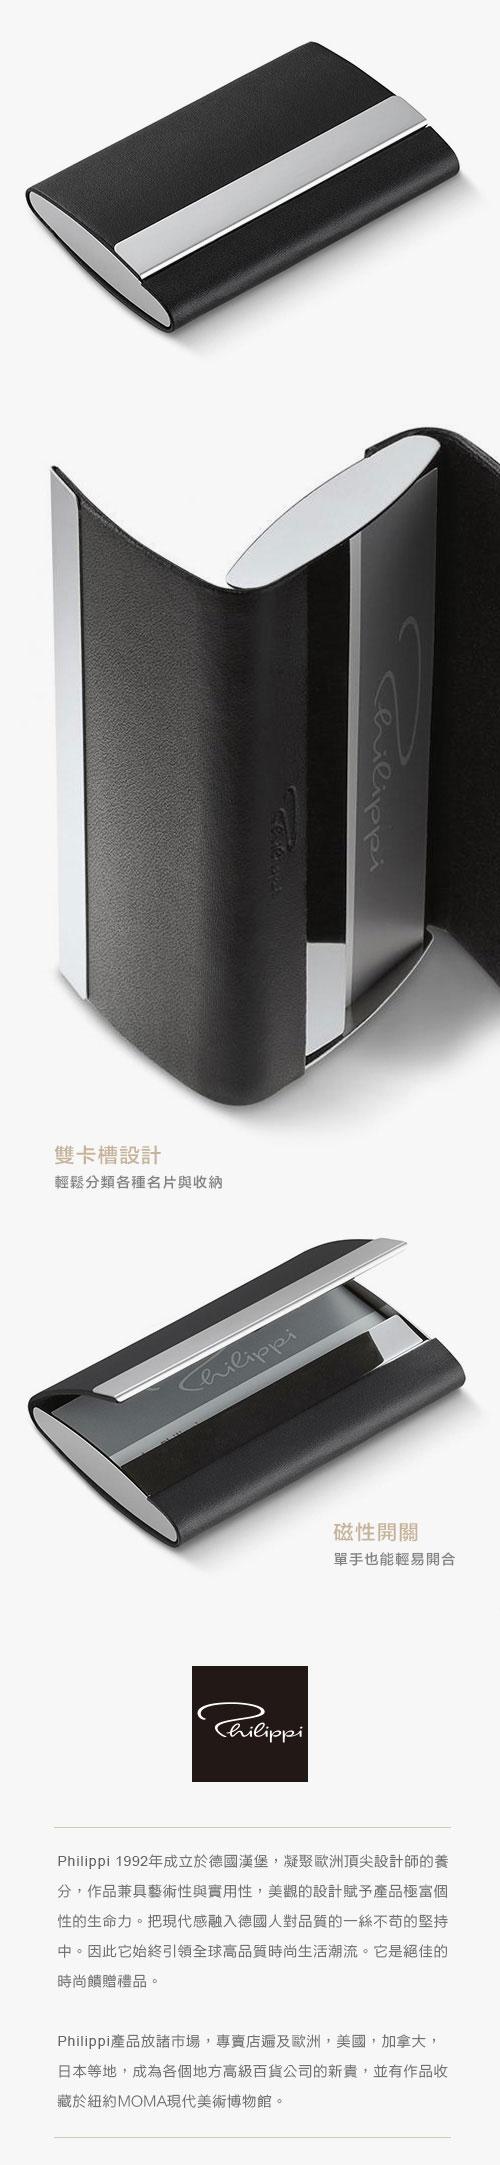 【11/16~11/30精選品牌禮券放送】[可雷雕] PHILIPPI Giorgio 雙層橫名片盒(黑)